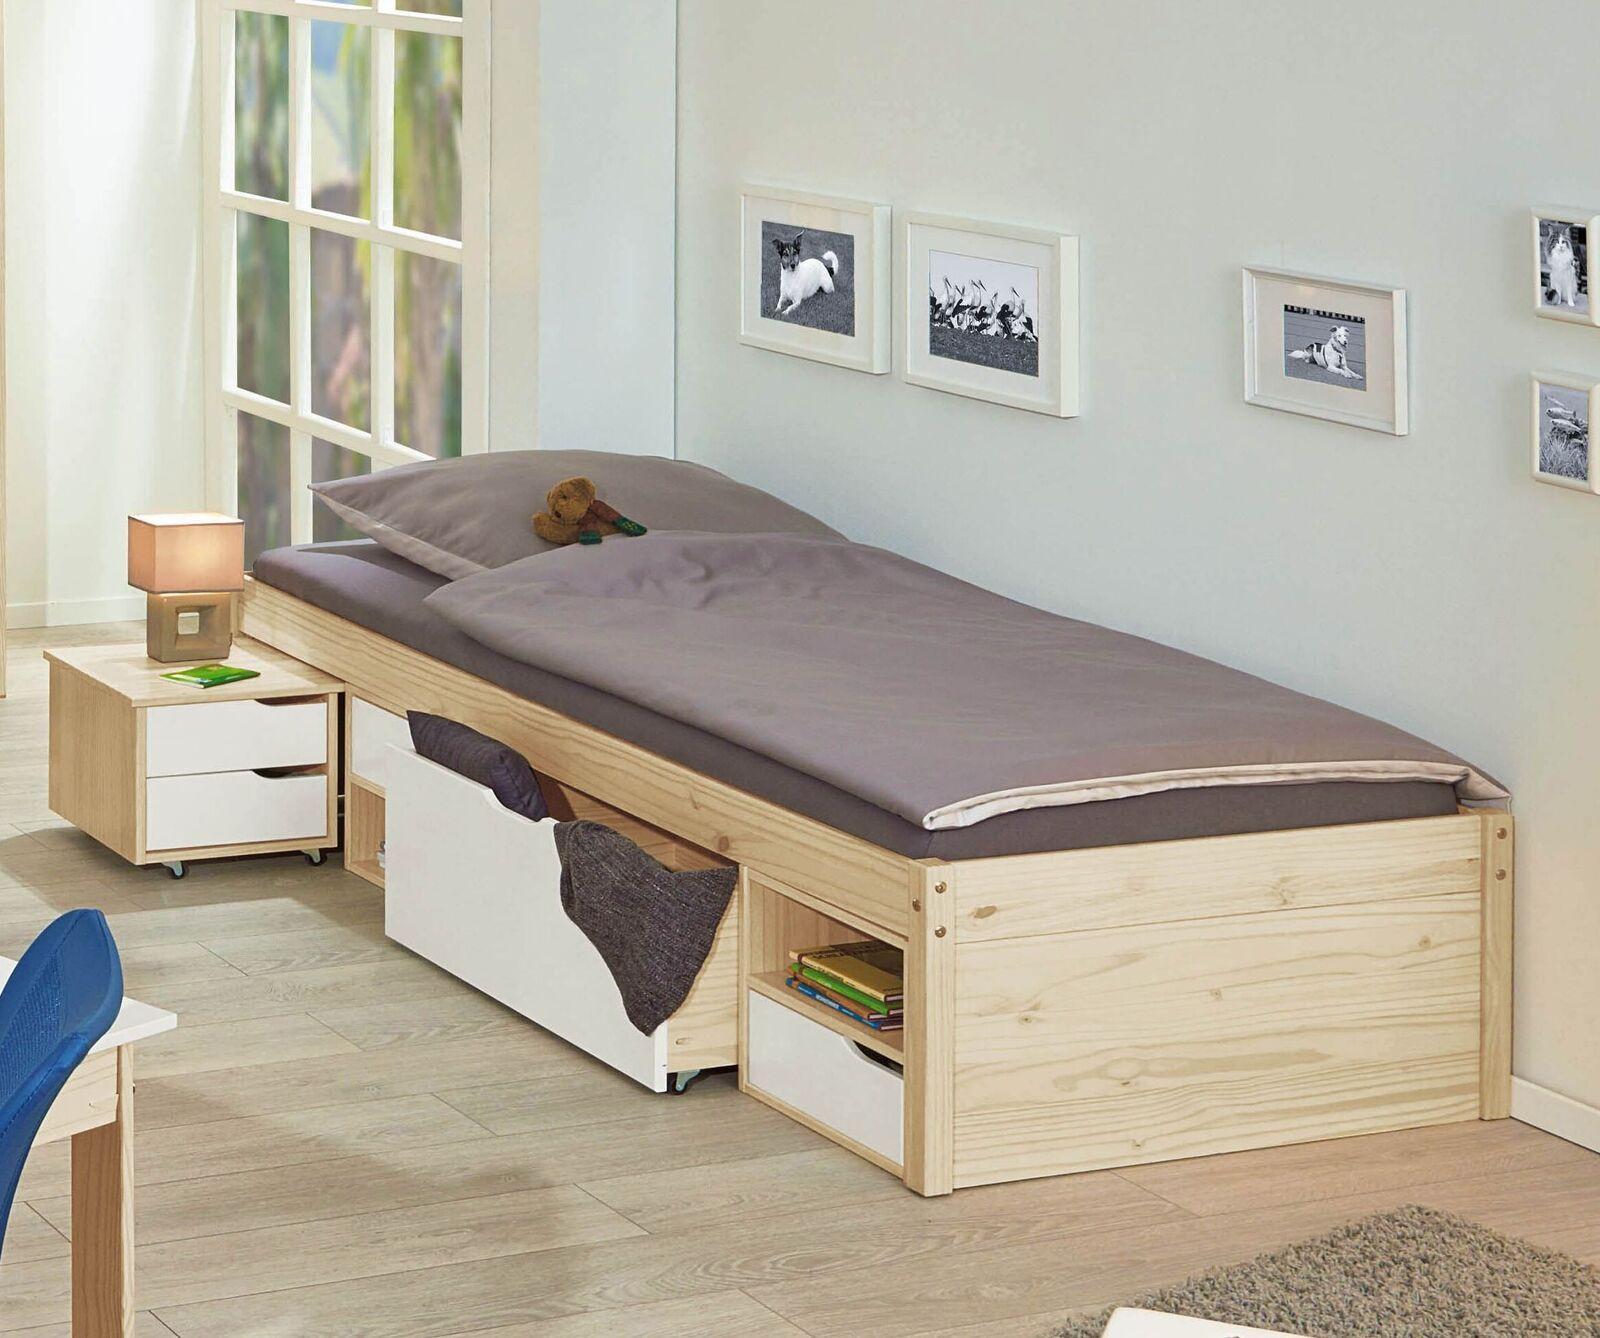 jugendbett mit schubkasten inklusive nachttisch aus kiefer erin. Black Bedroom Furniture Sets. Home Design Ideas